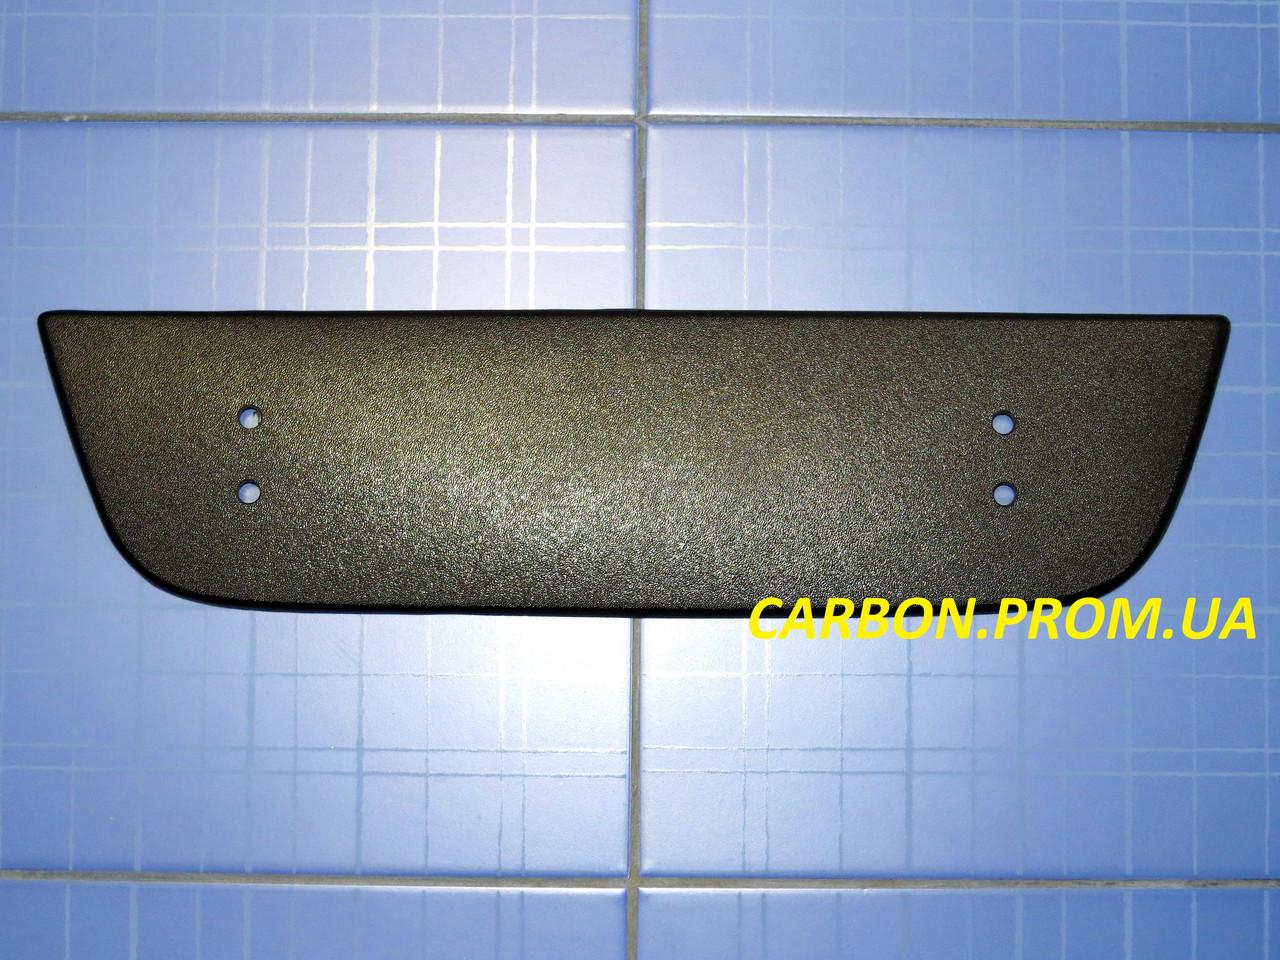 Зимова заглушка решітки радіатора Фіат Добло низ з 2005 матова Fly. Утеплювач решітки радіатора Fiat Doblo